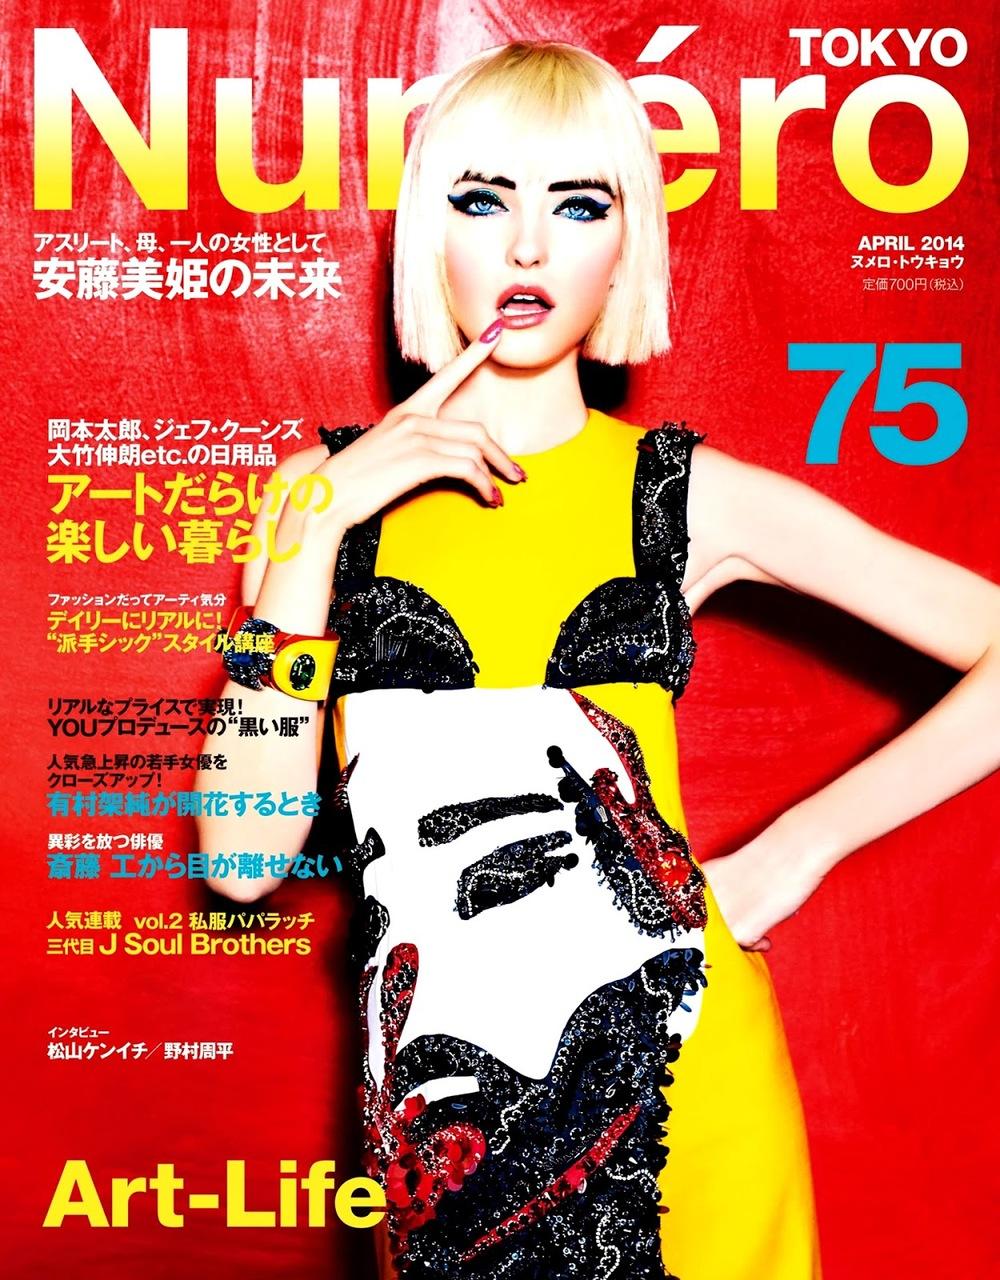 Ellen Von Unwerth / Vlada Roslyakova / Numéro Tokyo / April 2014